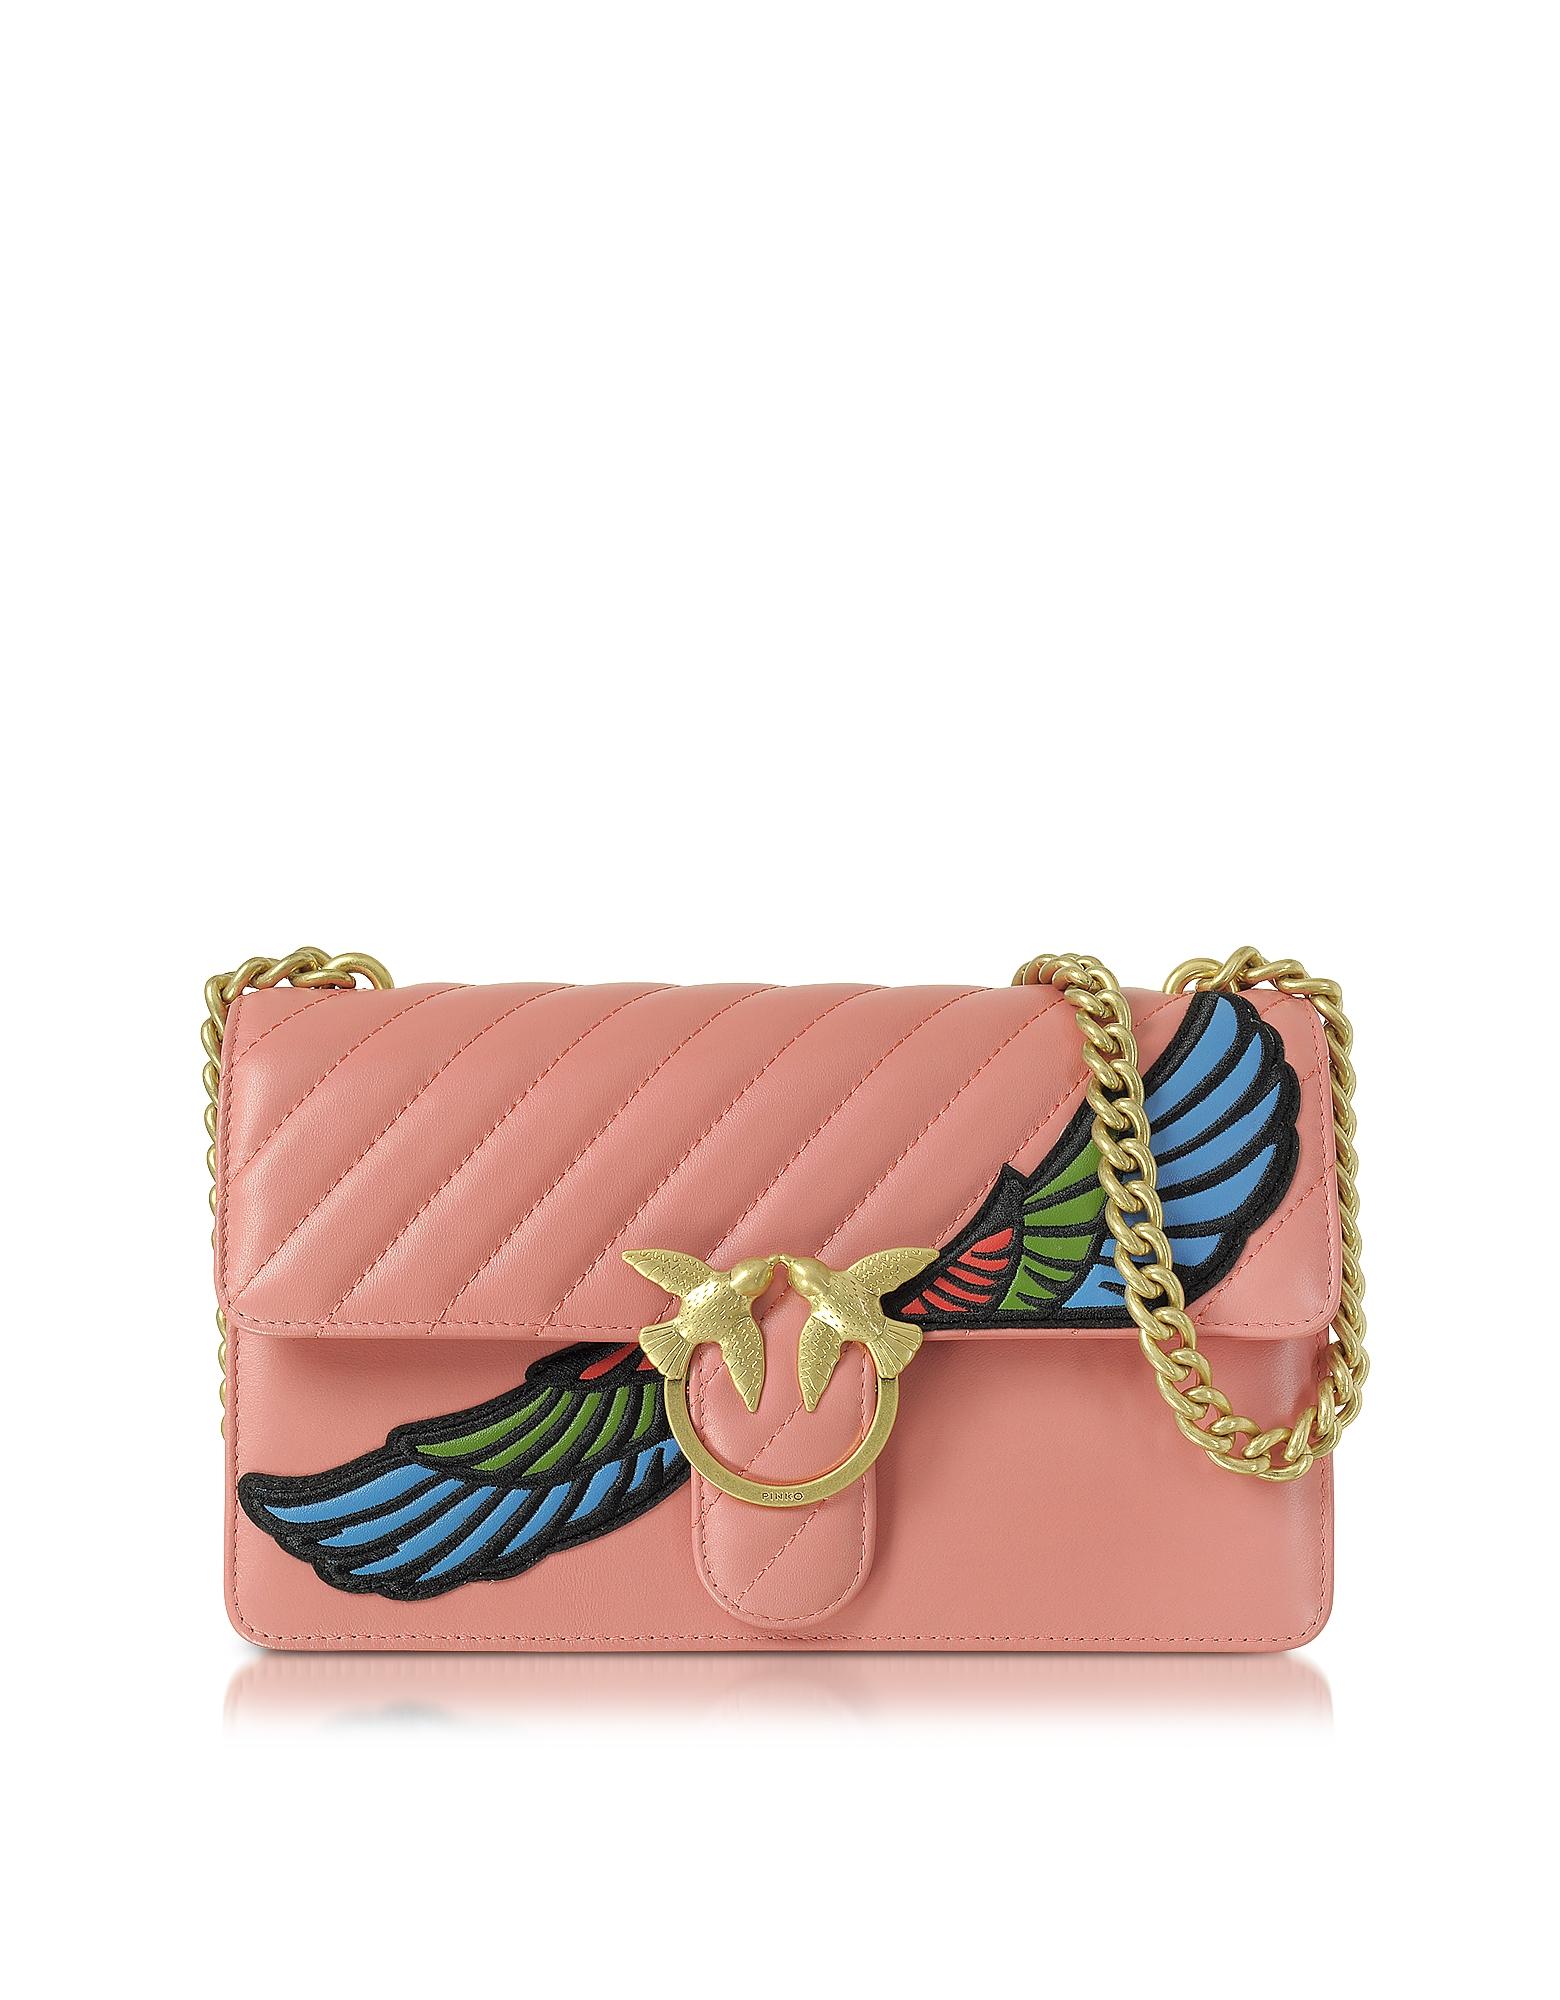 Pinko Love Wings - Розовая Стеганая Сумка на Плечо из Кожи Наппа с Золотистой Цепочкой